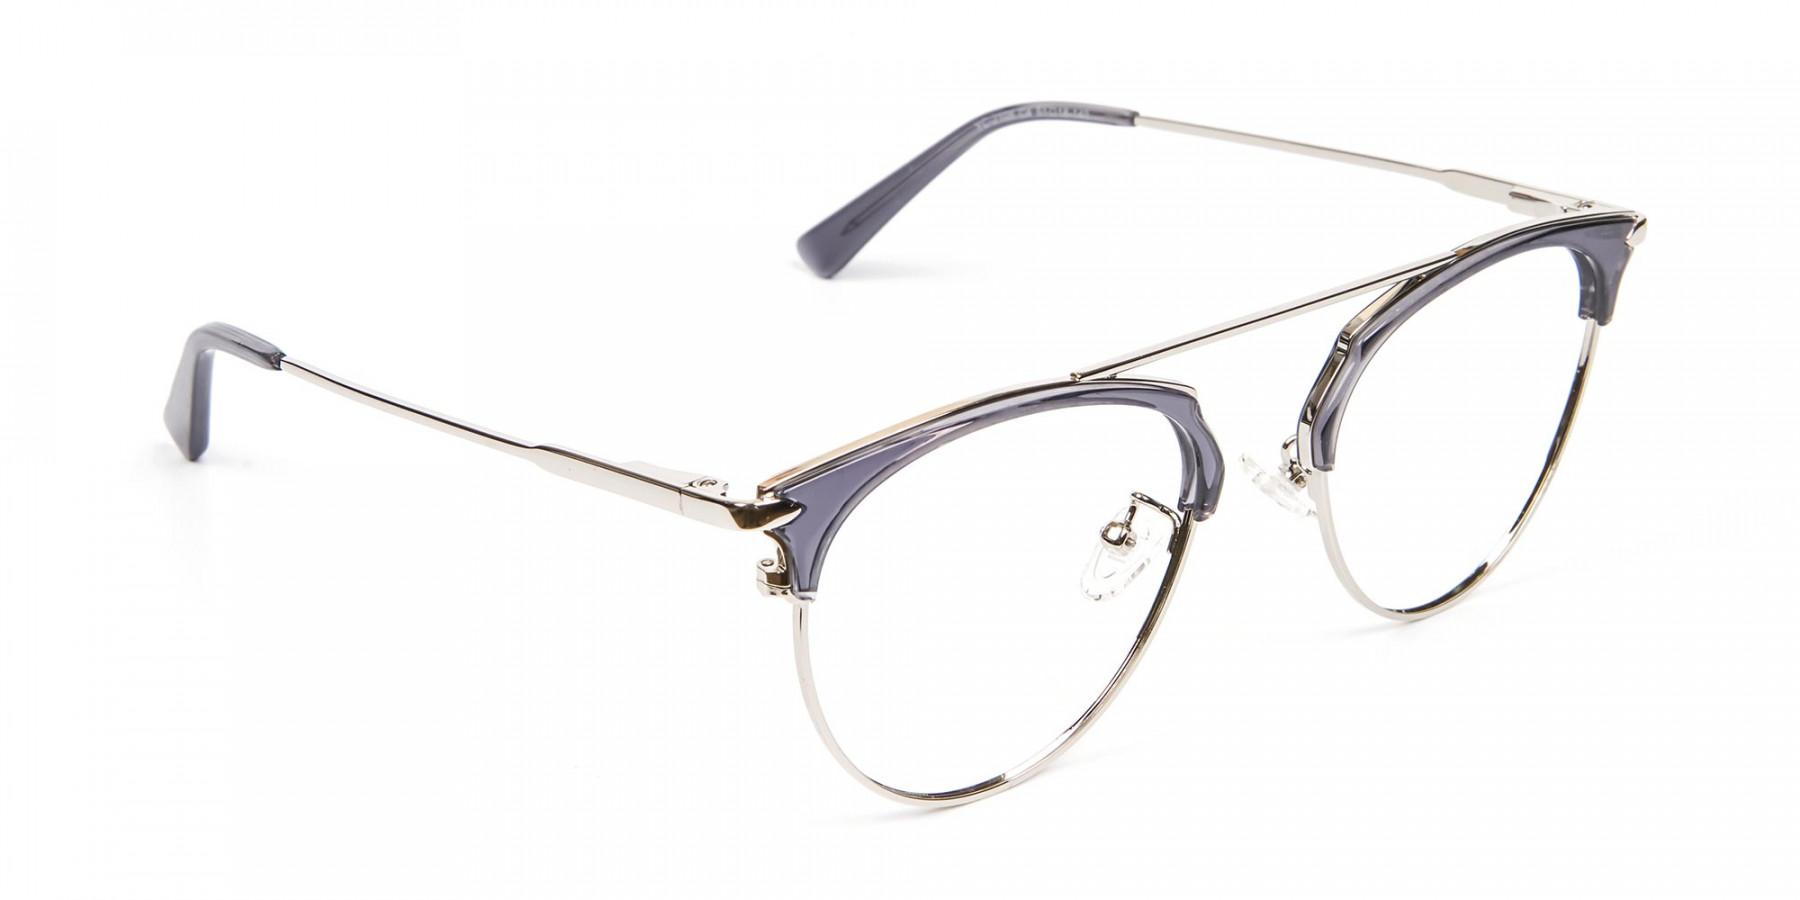 Translucent Browline Spring Hinge Glasses - 1